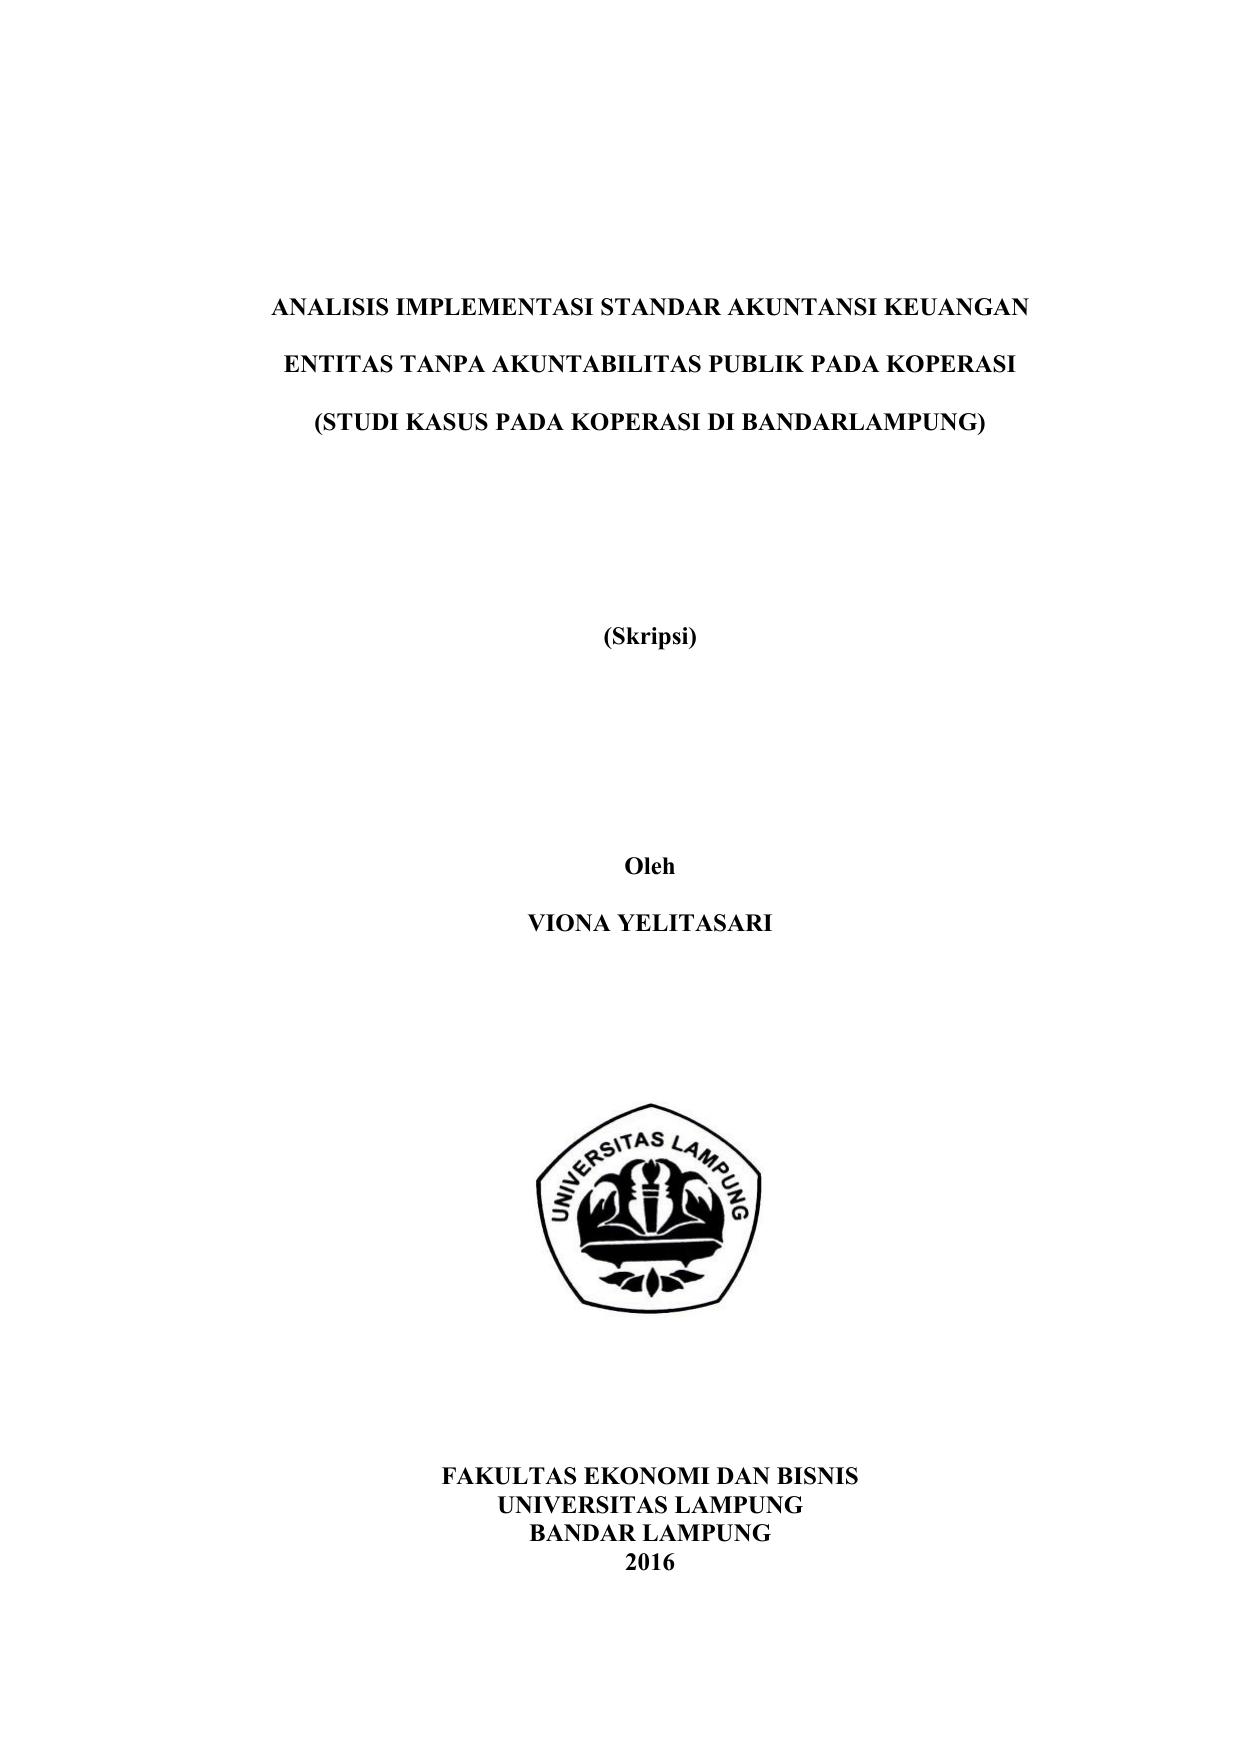 Skripsi Akuntansi Keuangan Pada Koperasi Contoh Surat